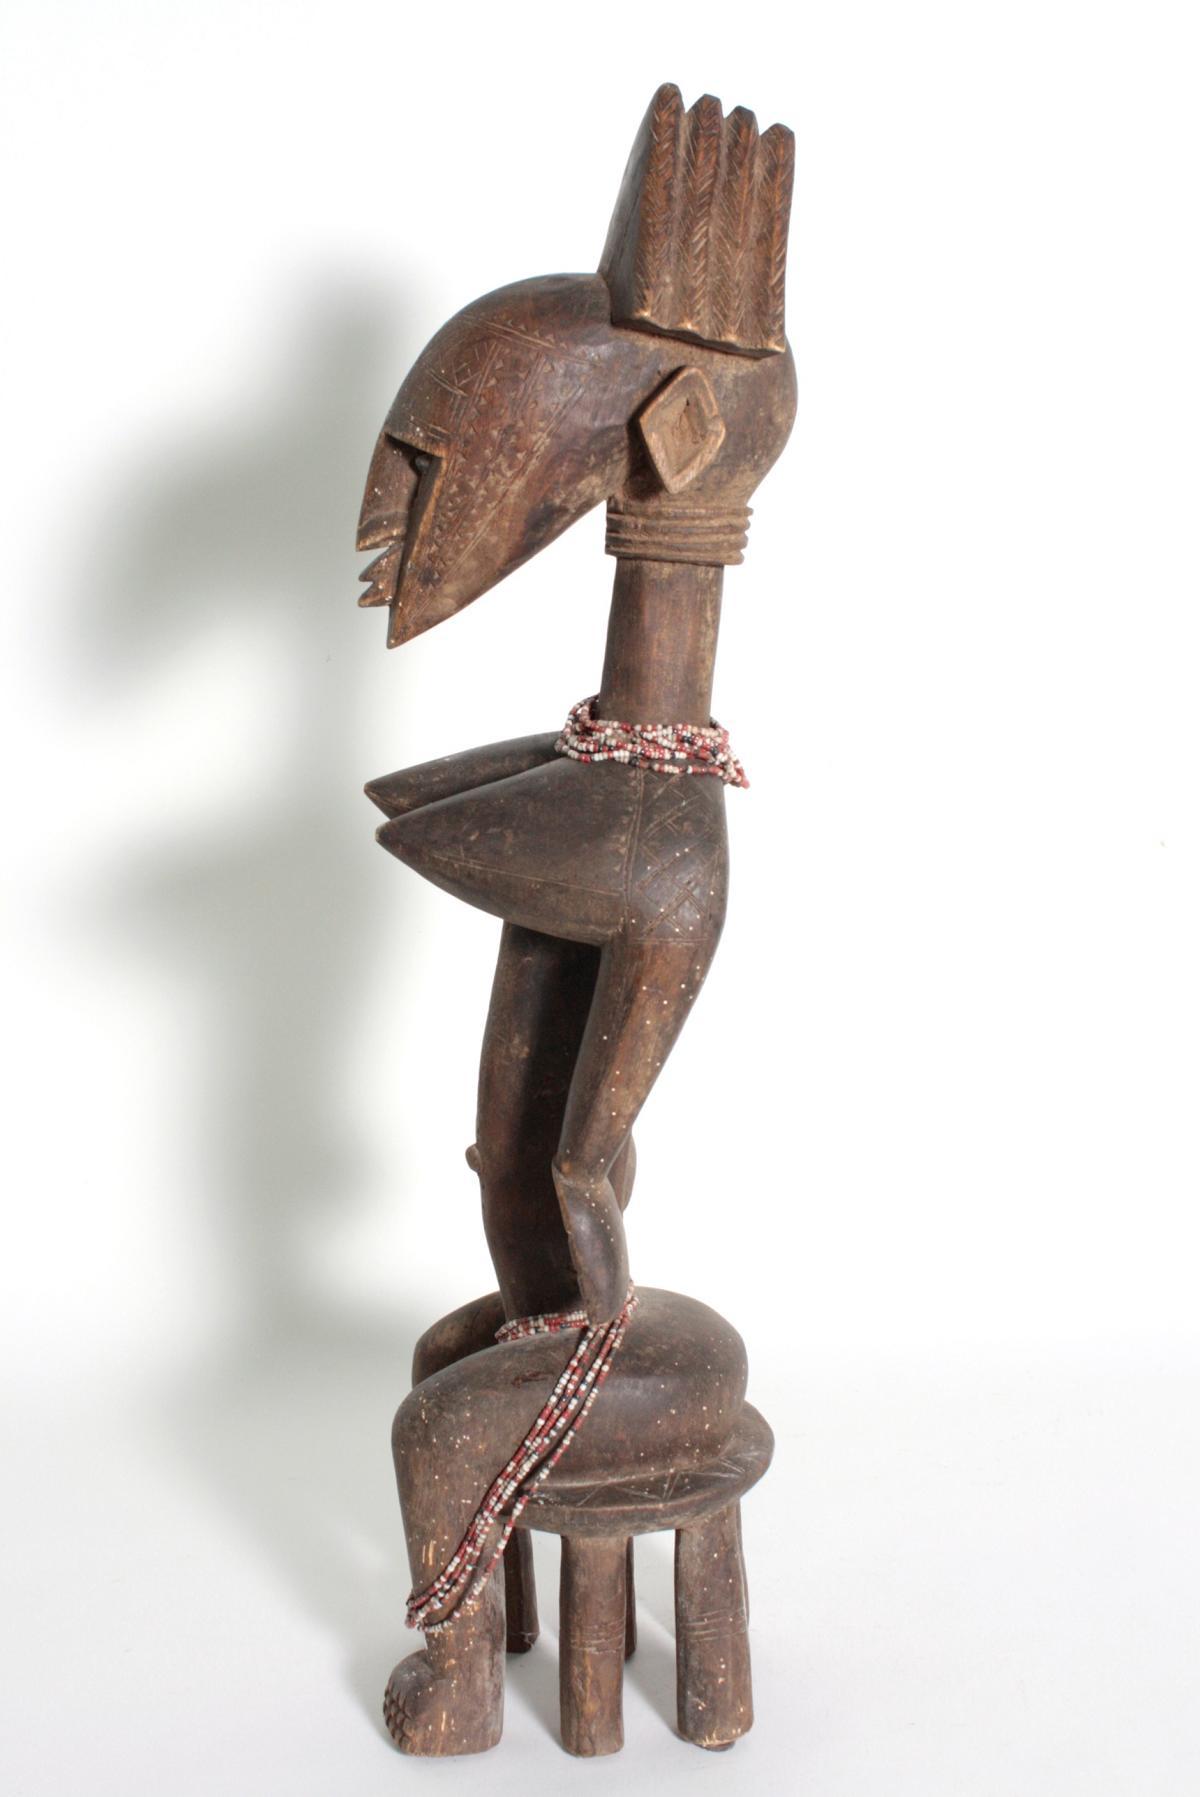 Bambara/Mali, sitzende weibliche Figur, 1. Hälfte 20. Jh.Holz, dunkelbraune Patina, sitzende Frau - Bild 5 aus 5